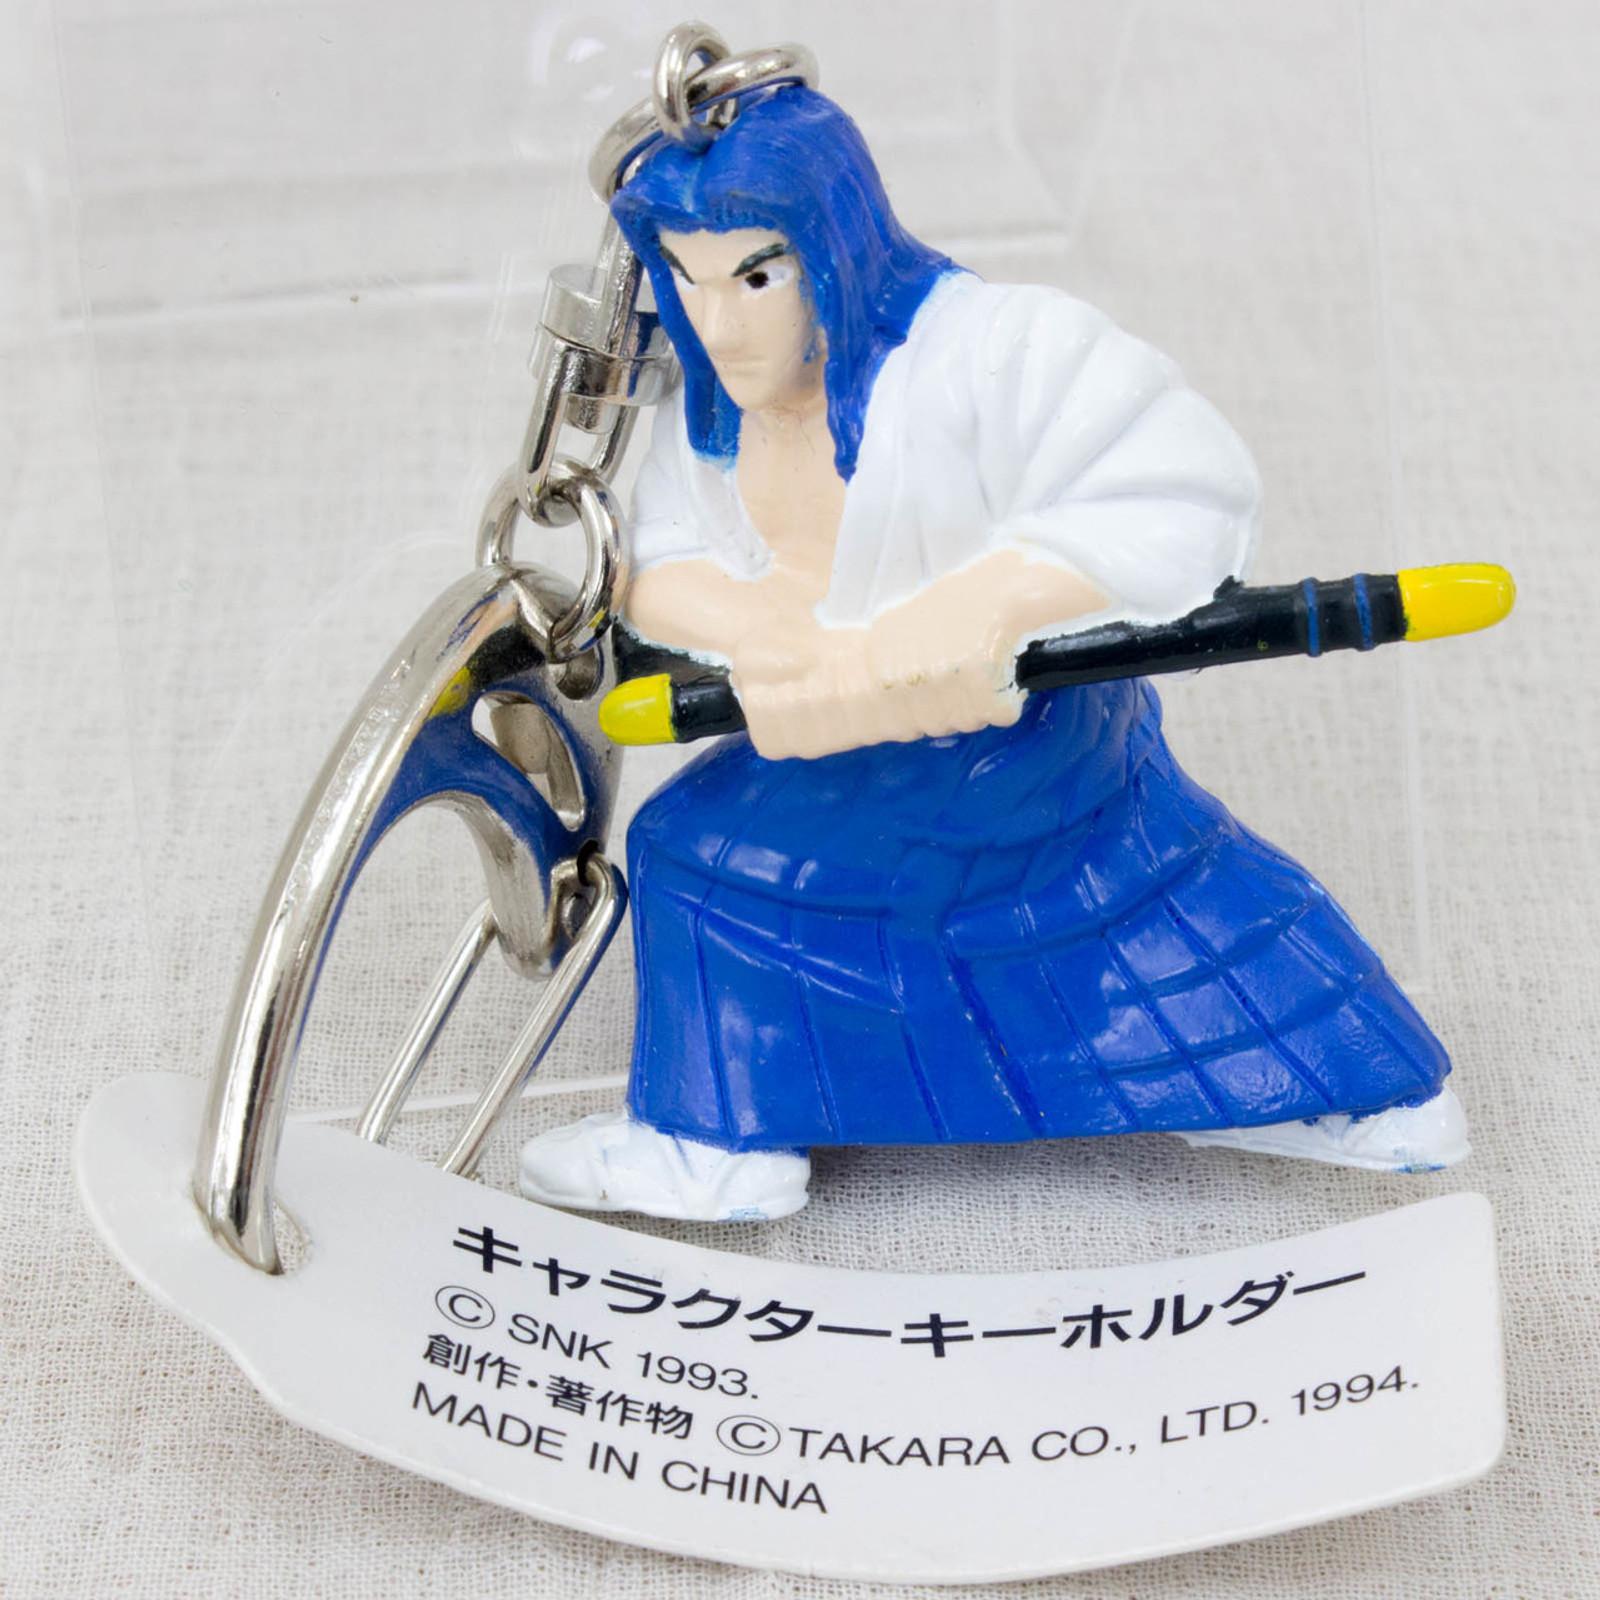 Retro RARE! Samurai Shodown Ukyo Tachibana Figure Key Chain SNK 1993